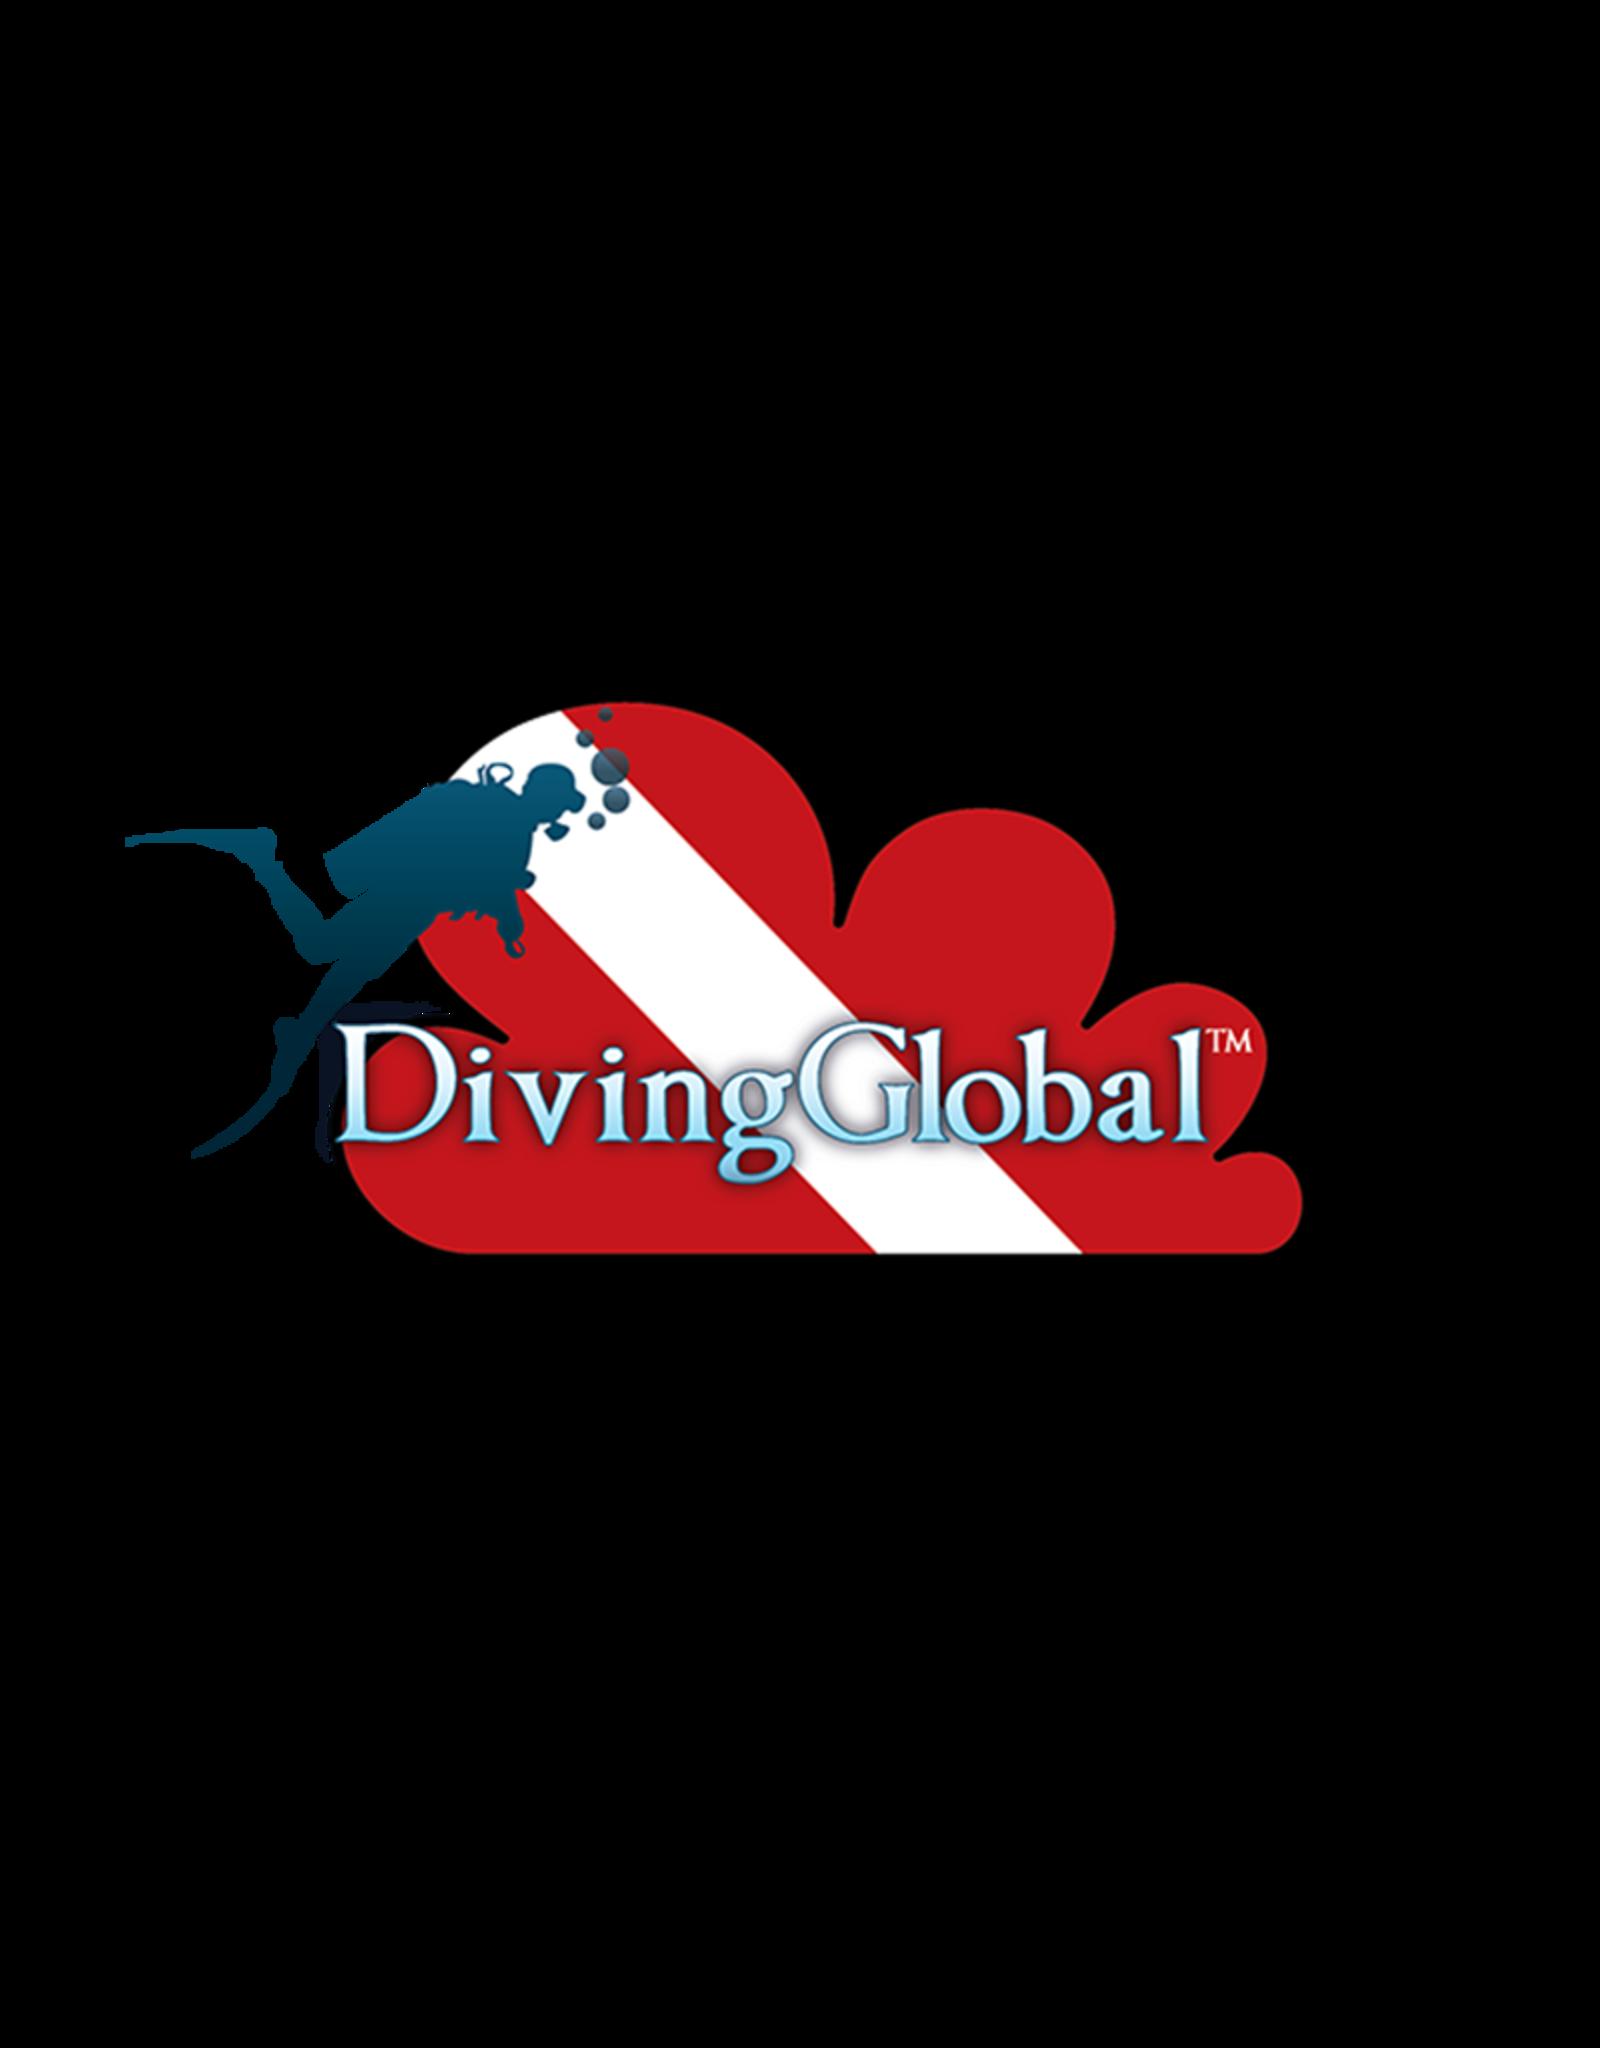 DivingGlobal CRM & POS - DivingGlobal